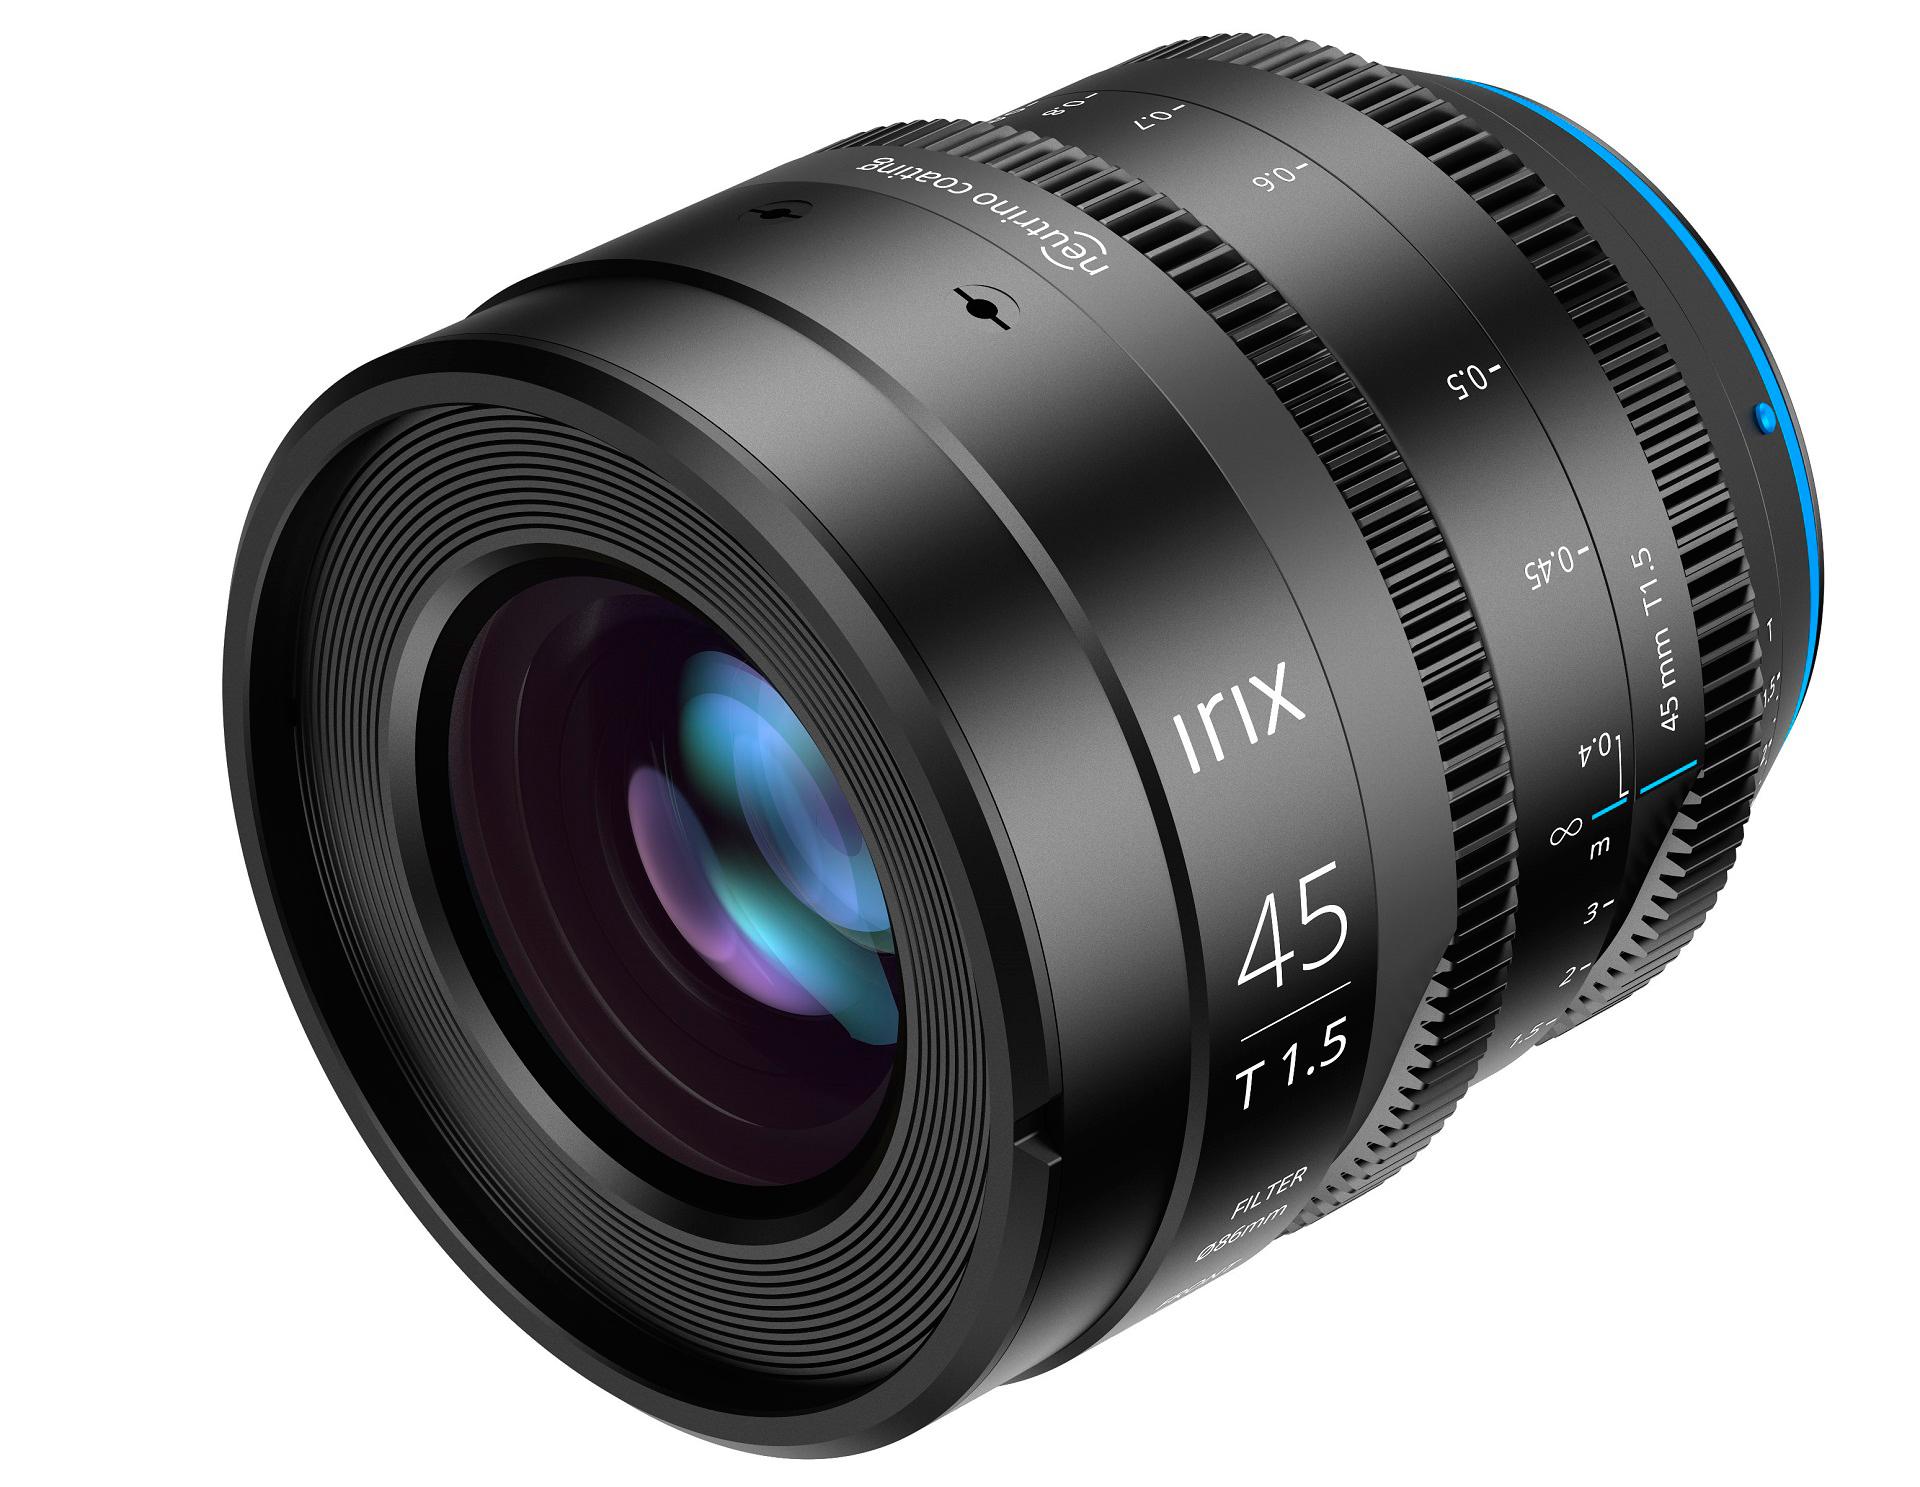 La Irix Cine 45mm T1.5 es ligera y compacta